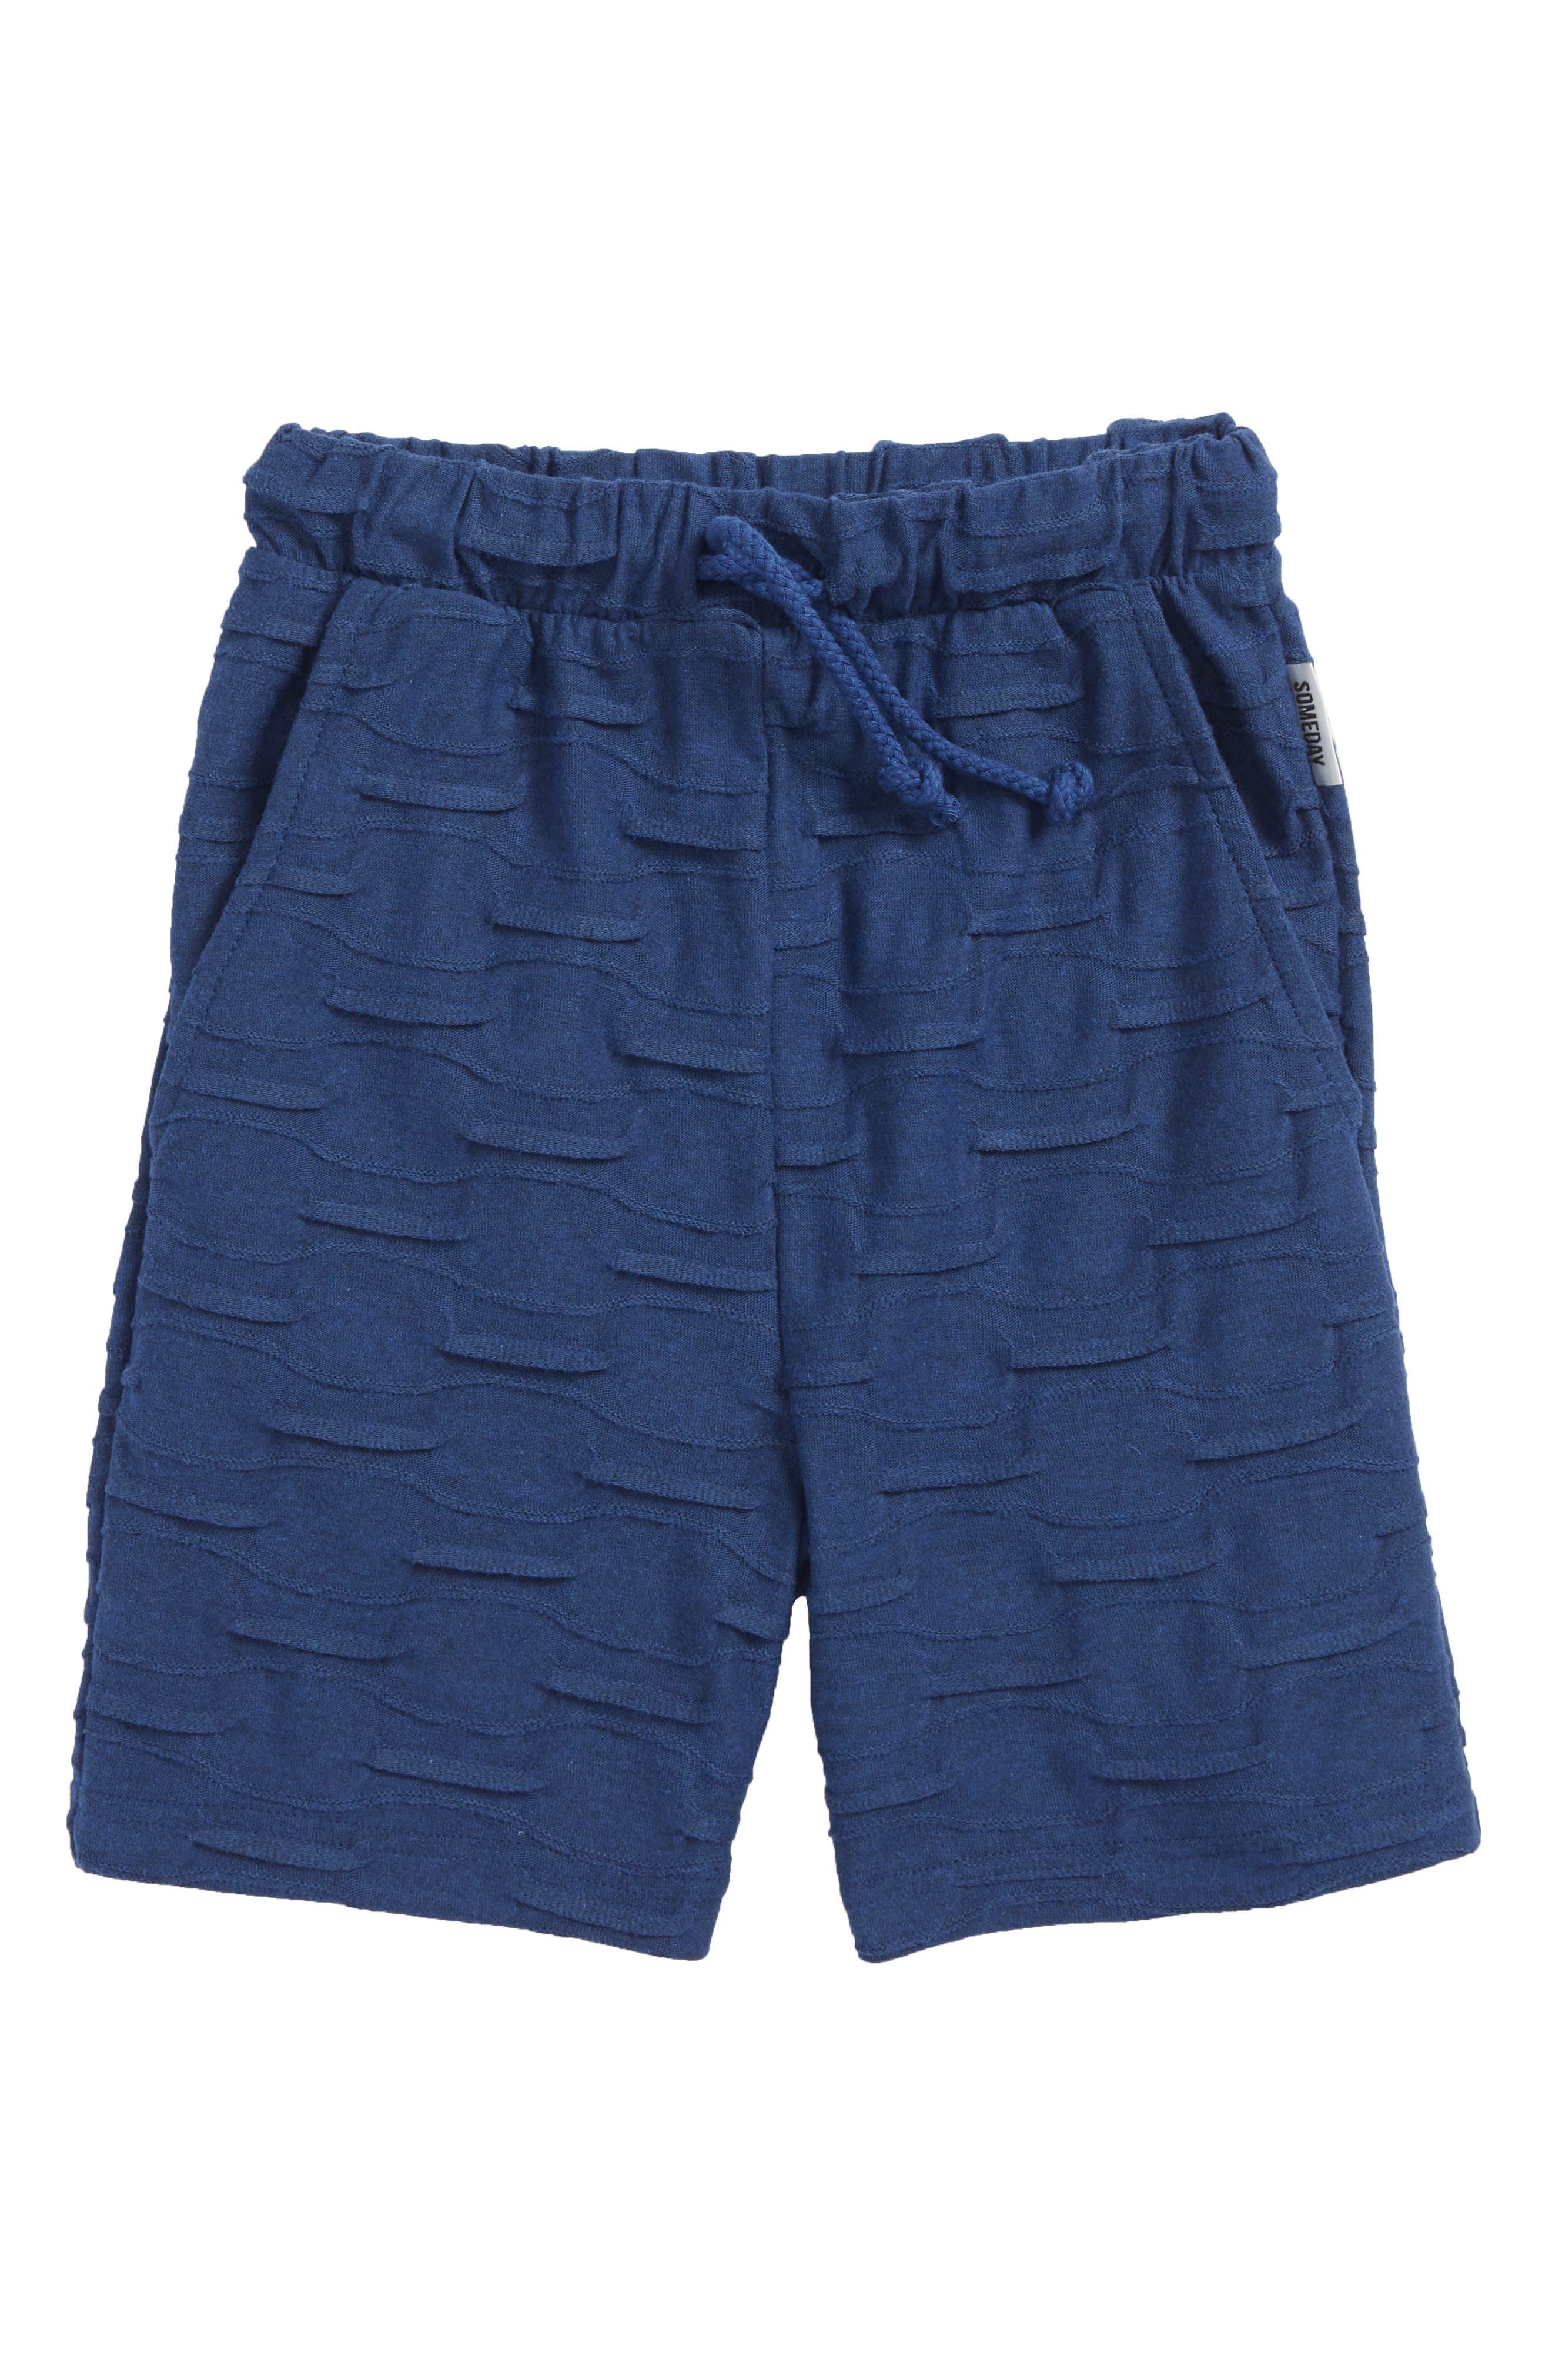 Cambria Shorts,                             Main thumbnail 1, color,                             Blue